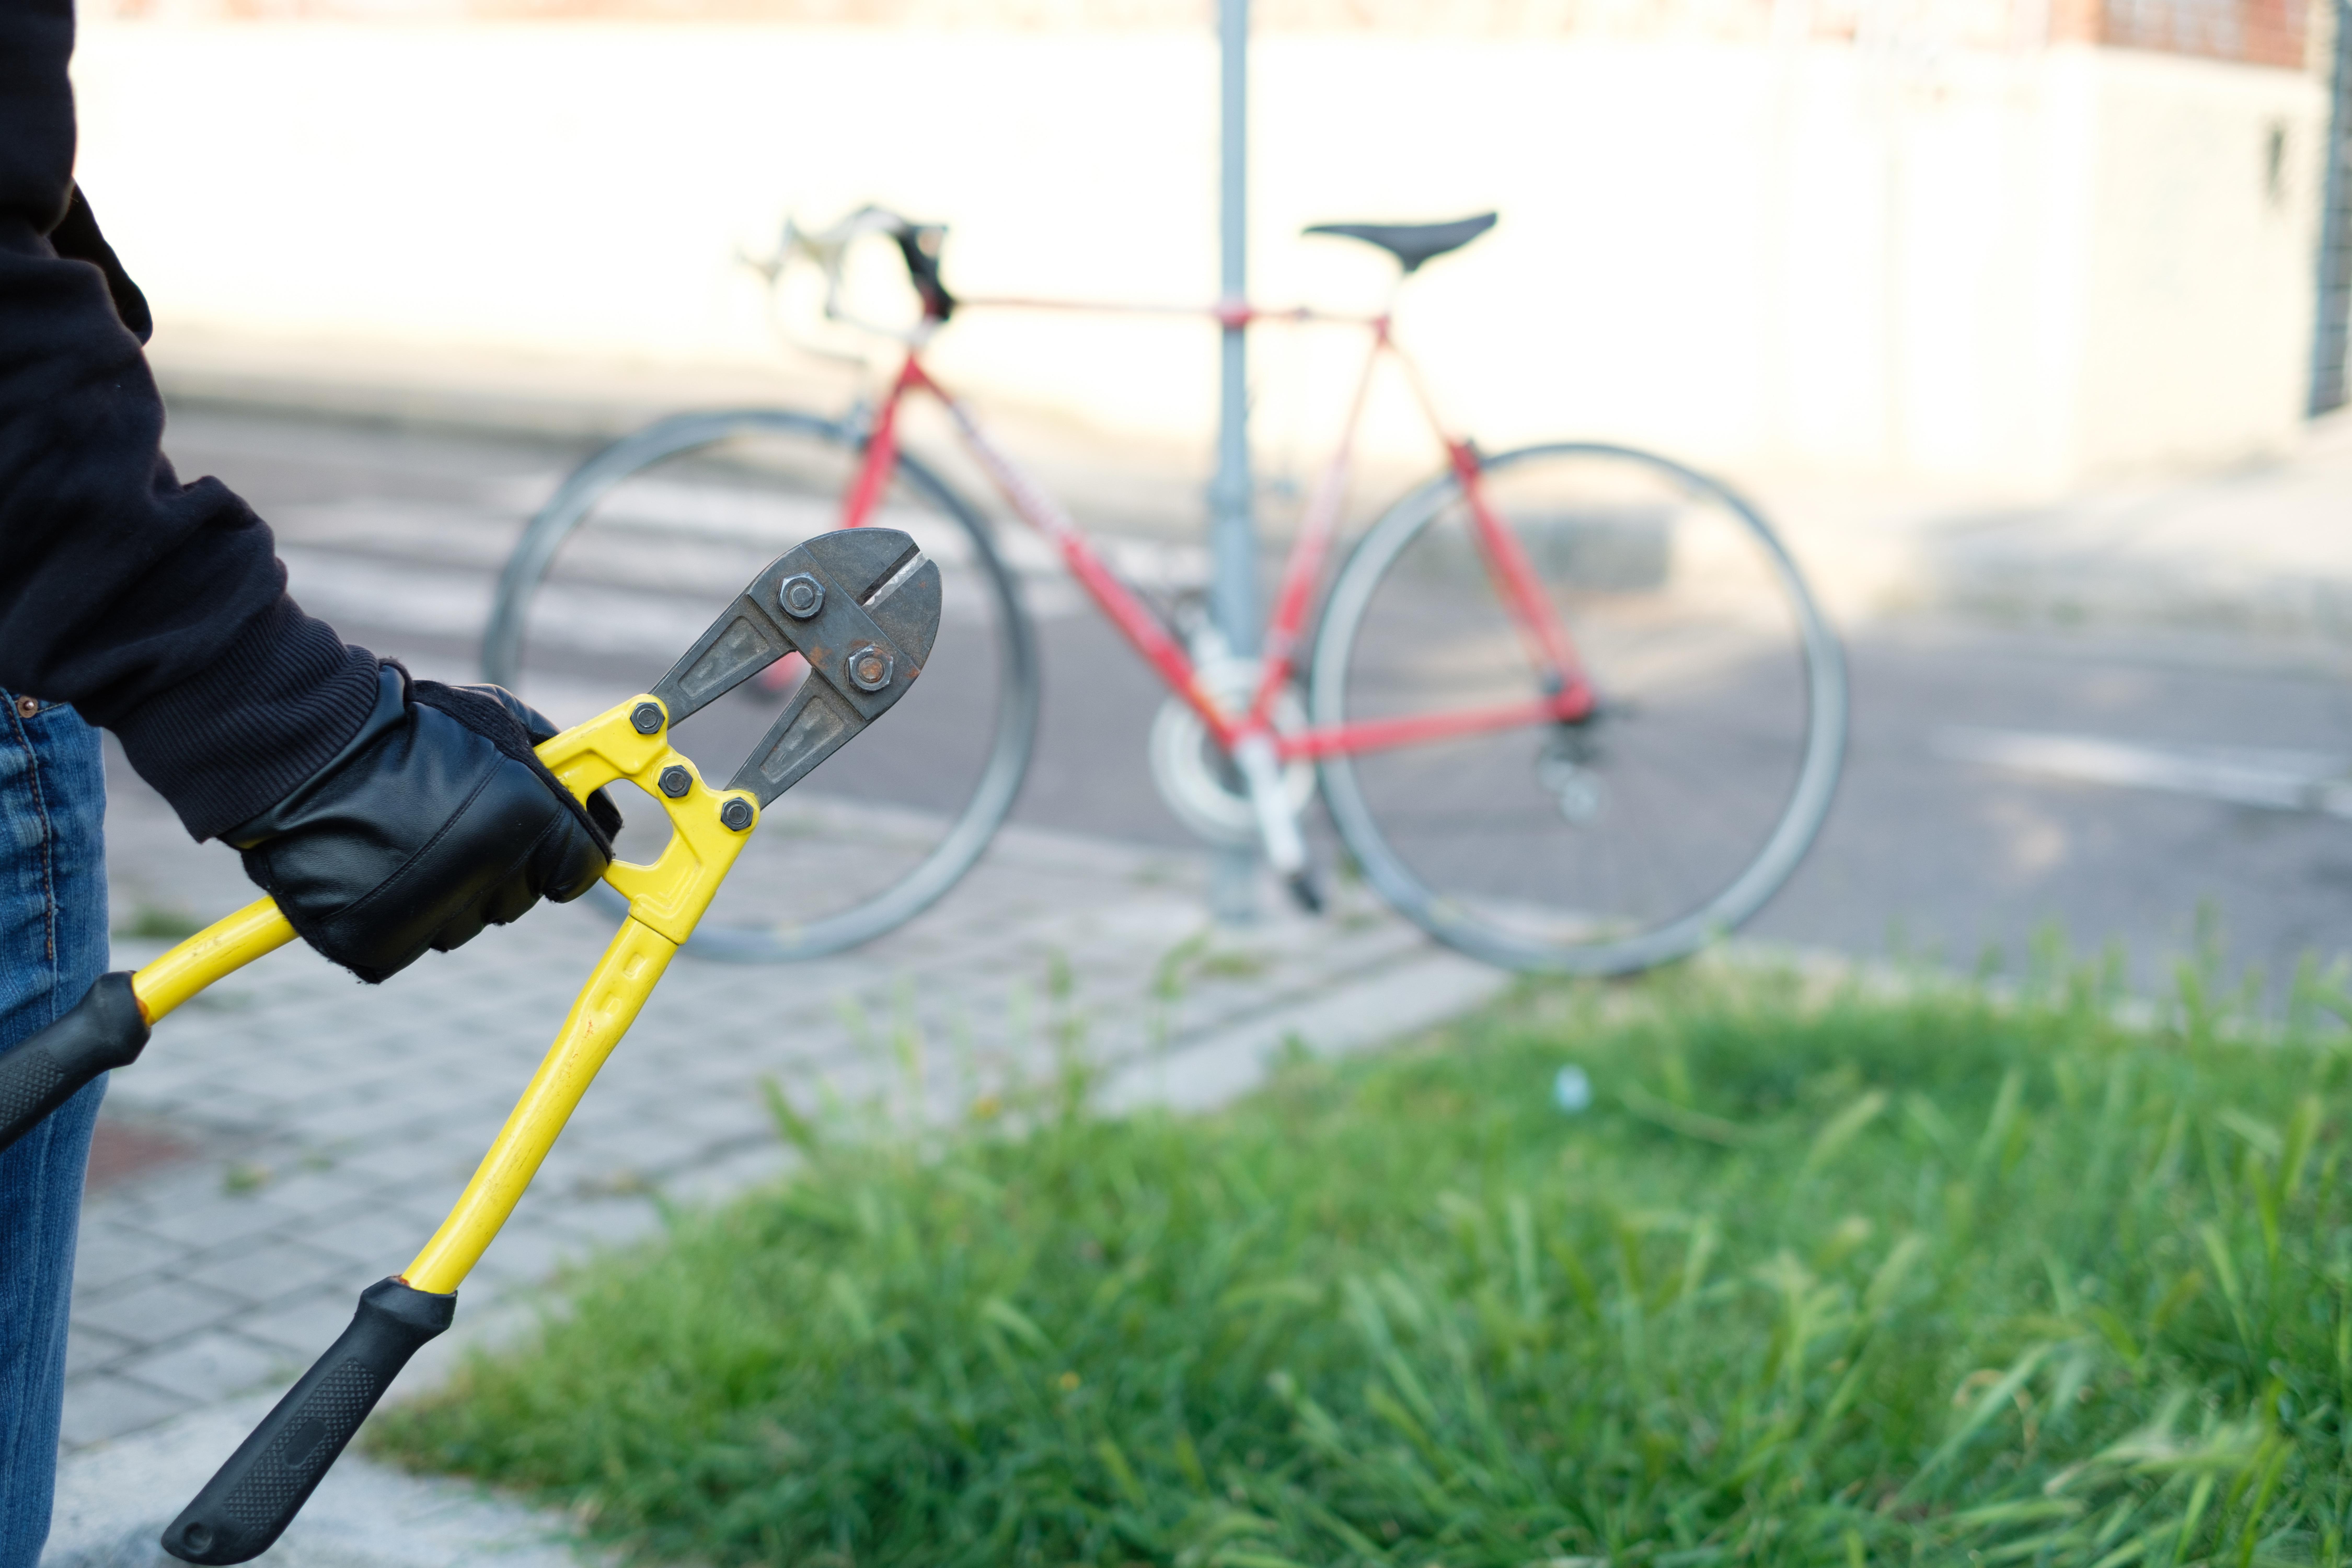 自転車の盗難対策方法を徹底解説!盗難されにくい鍵のかけ方や選び方を紹介!その鍵で大丈夫?狙われやすい自転車の傾向とは